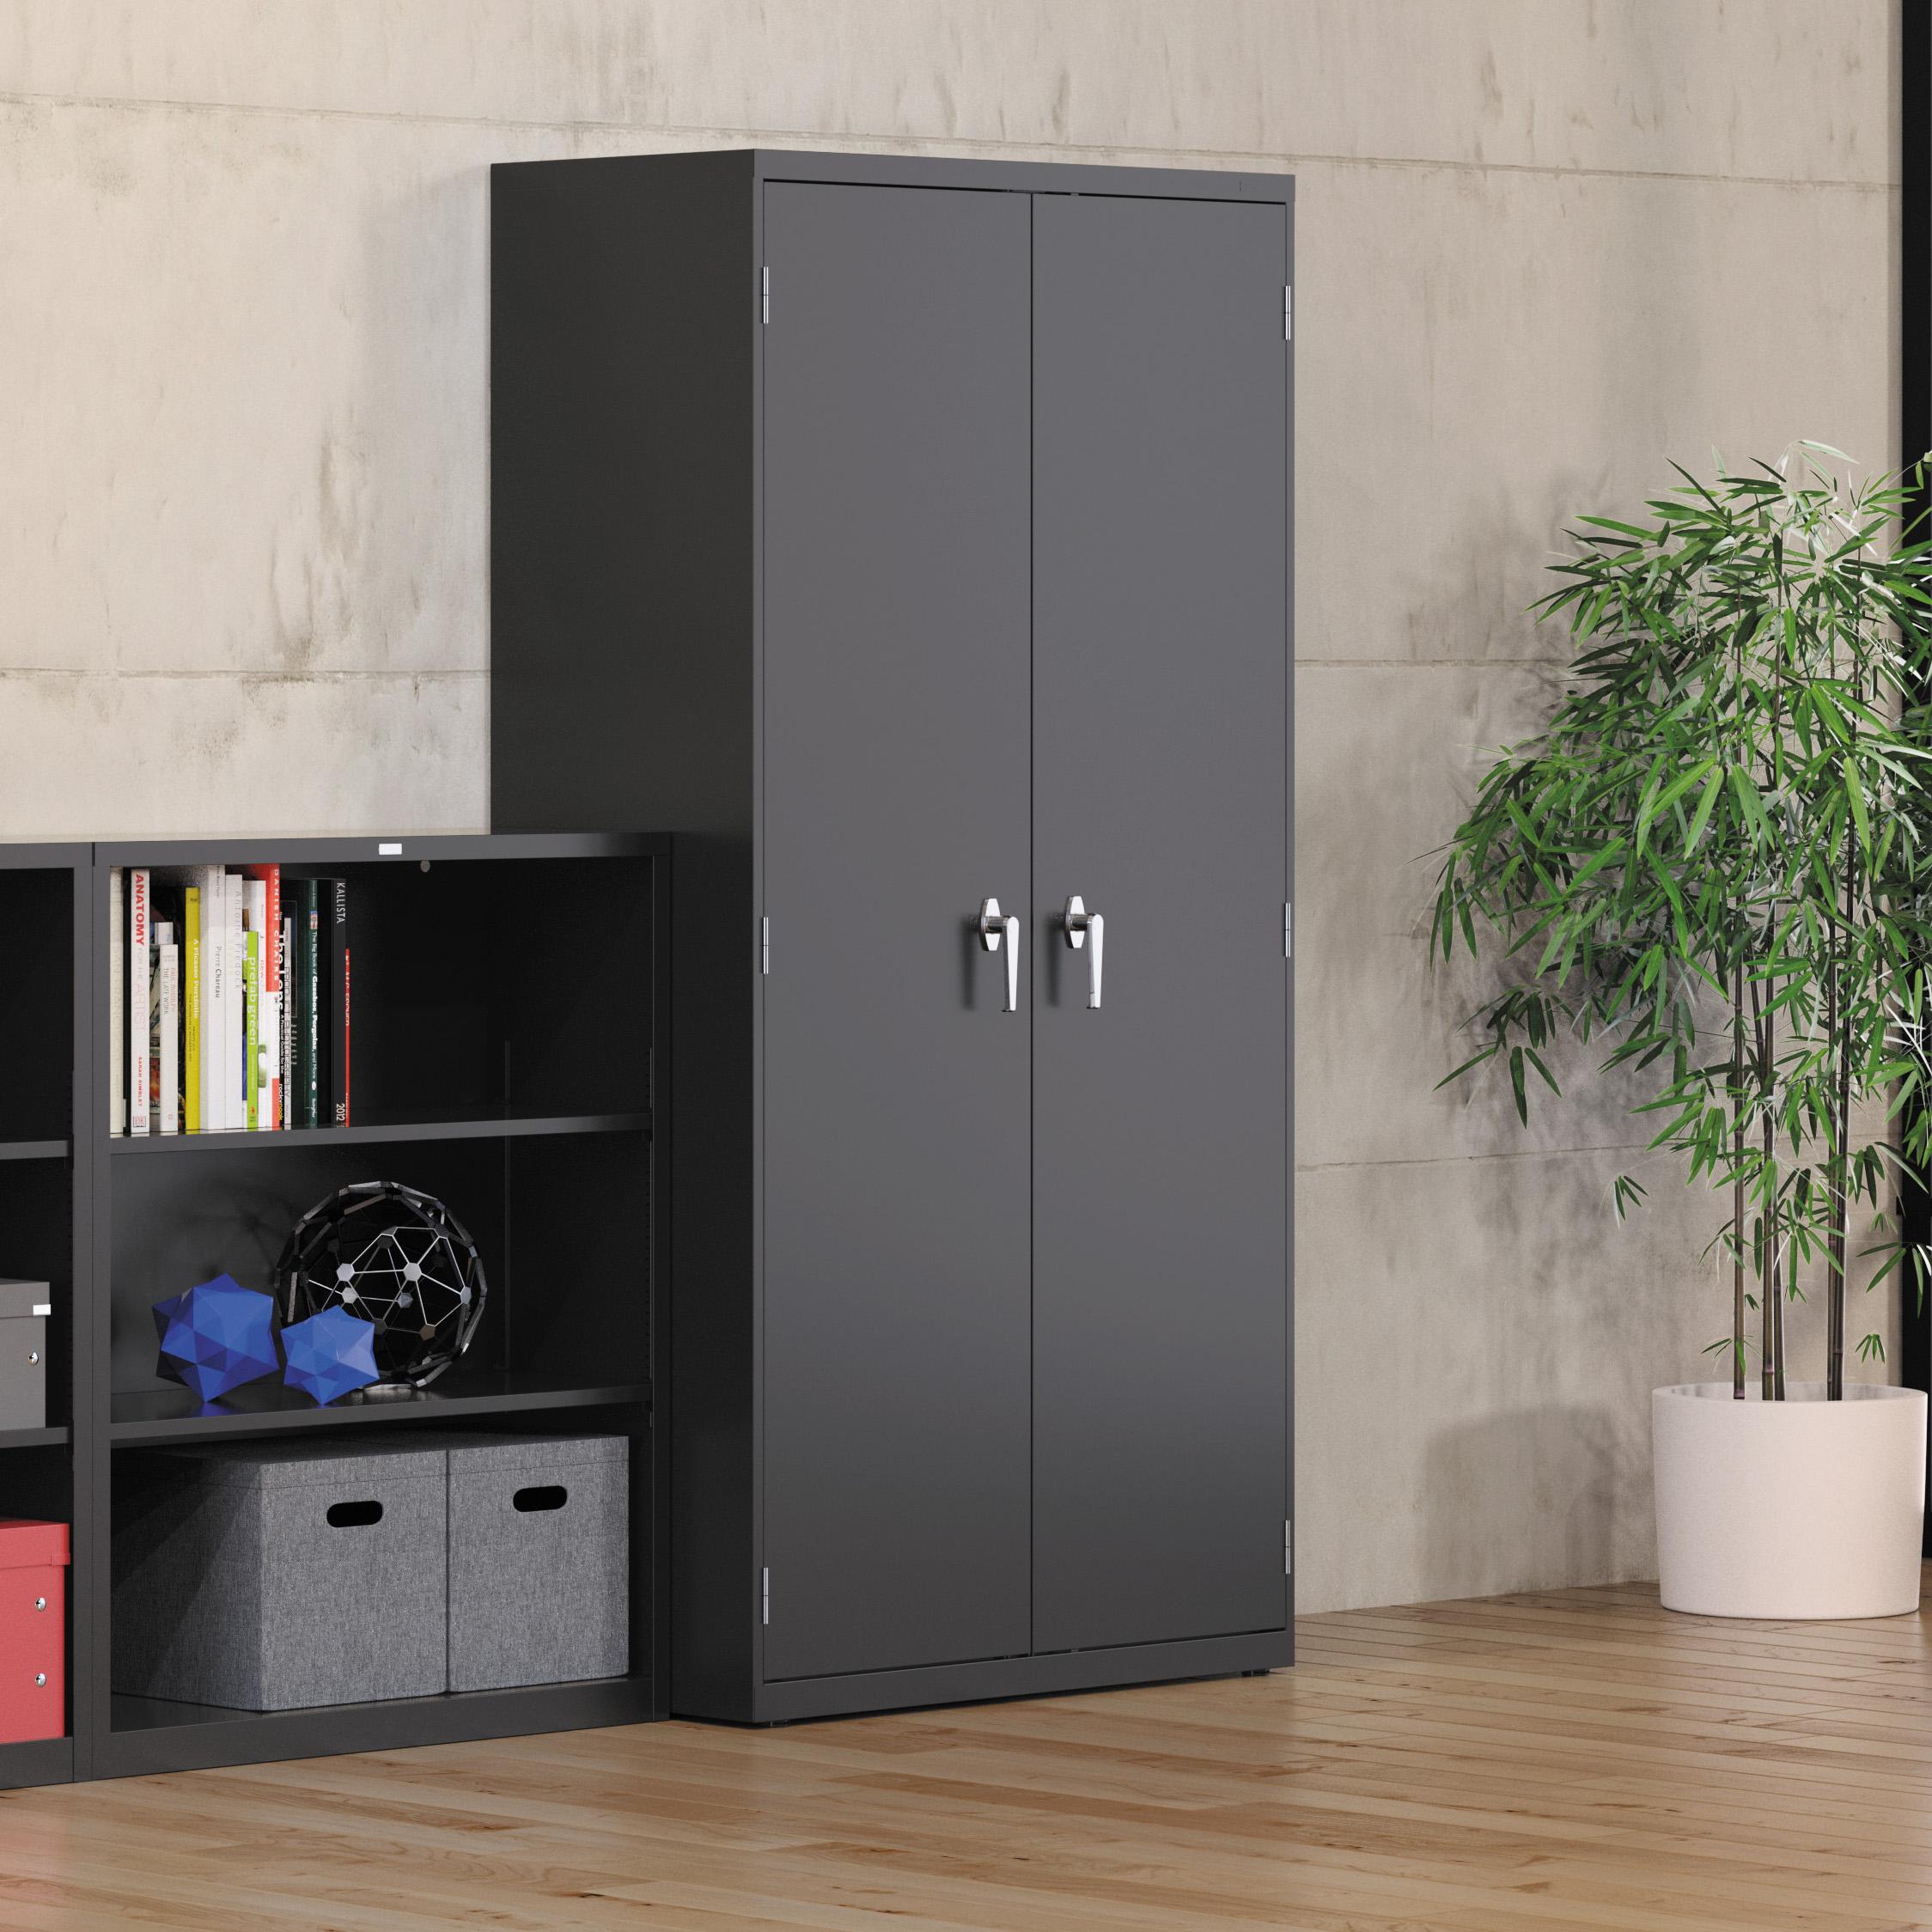 Steel Storage Cabinets: Steel Storage Cabinet Rentals